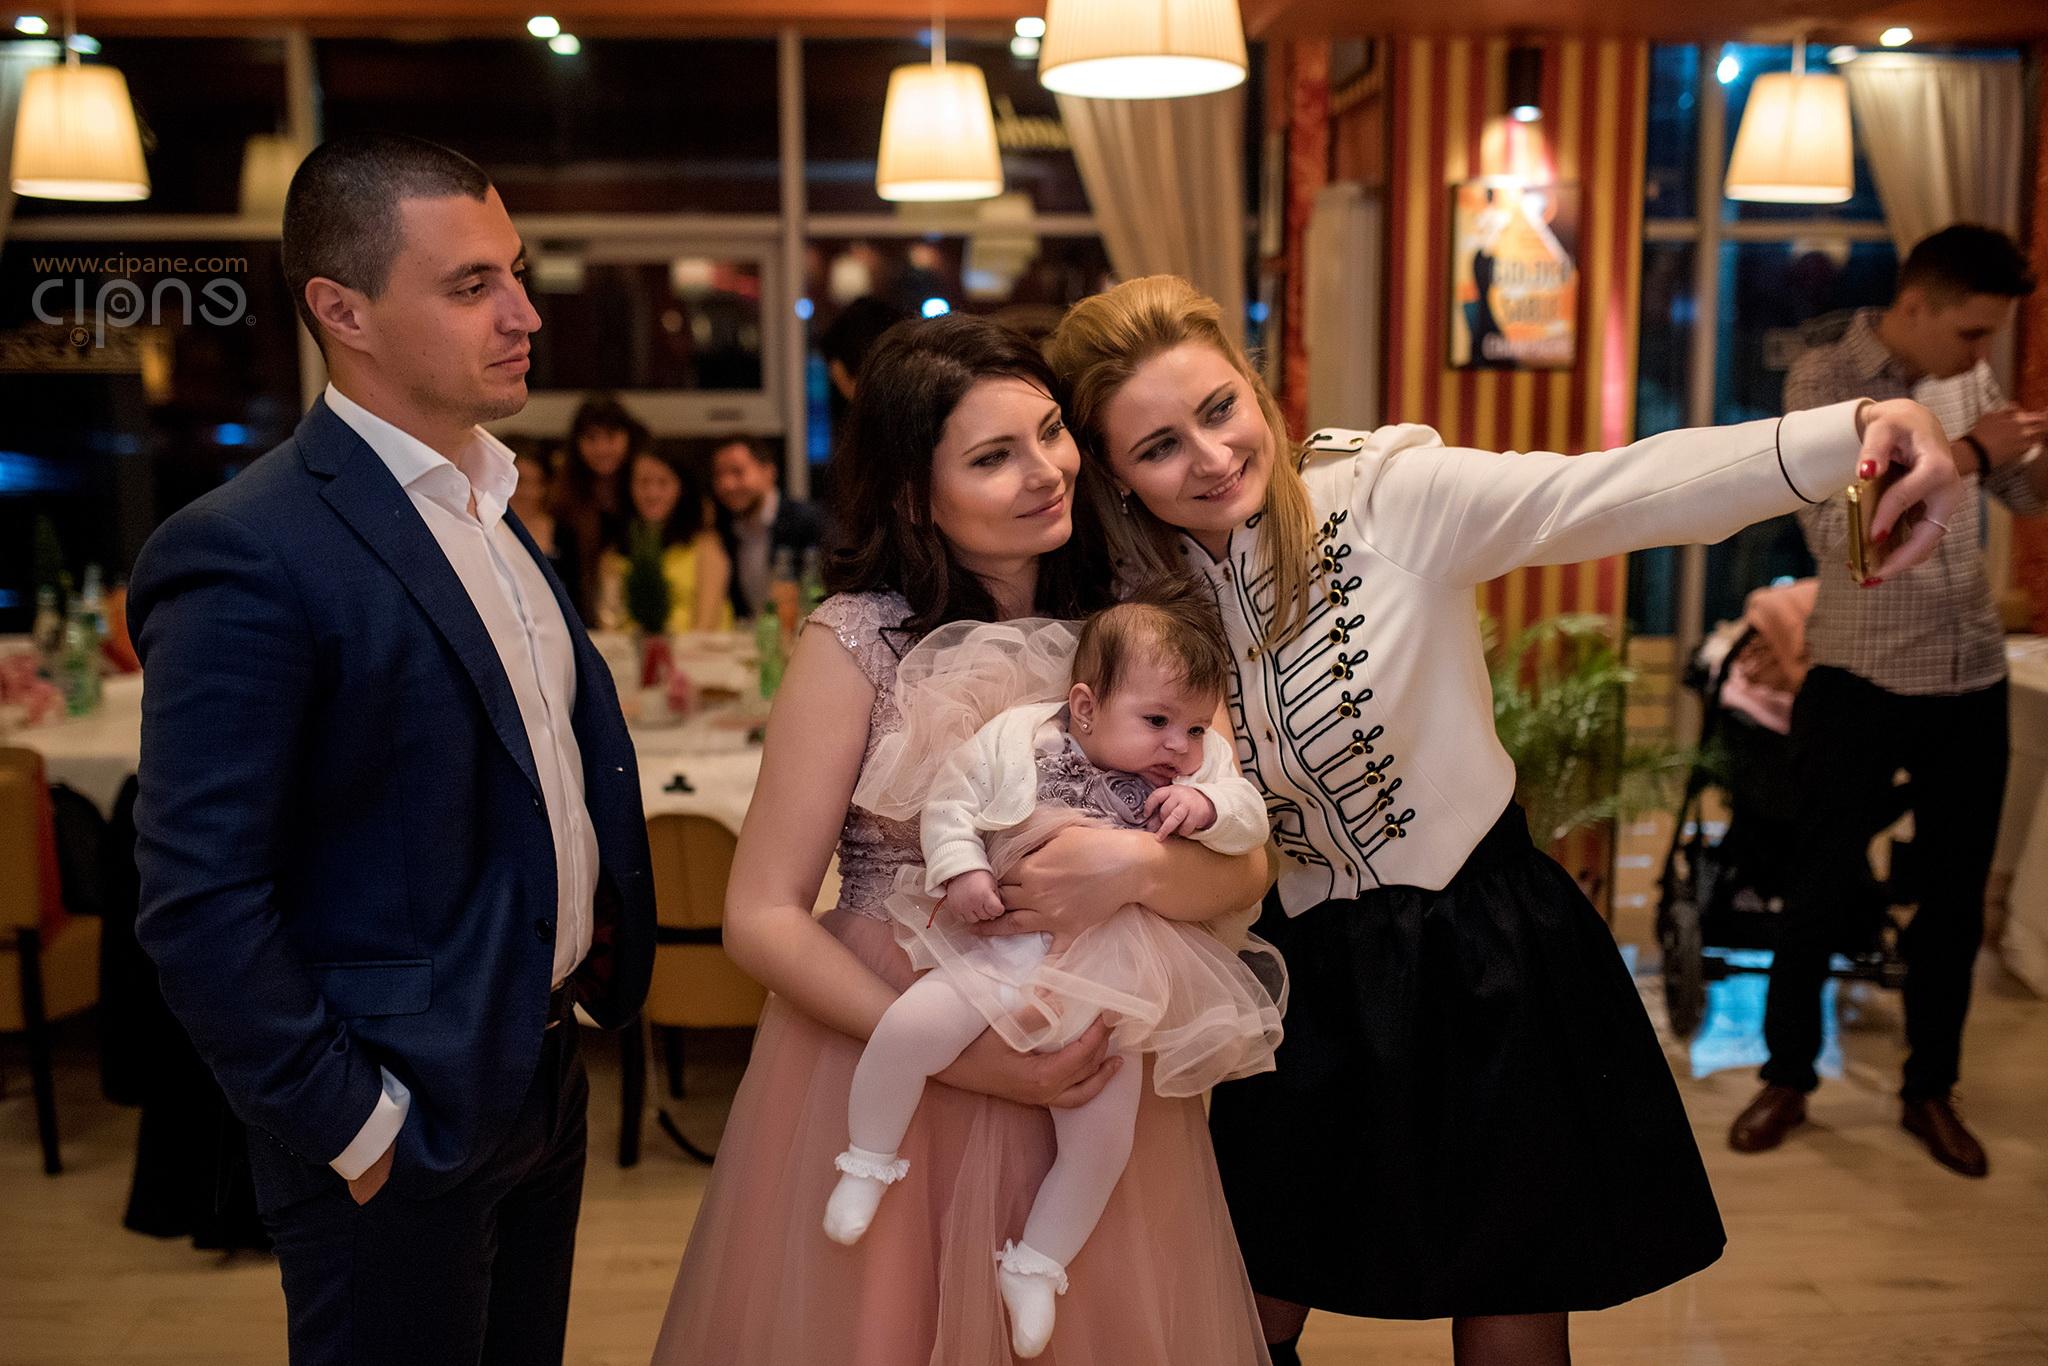 Ema Aurora - 22 aprilie 2017 - București